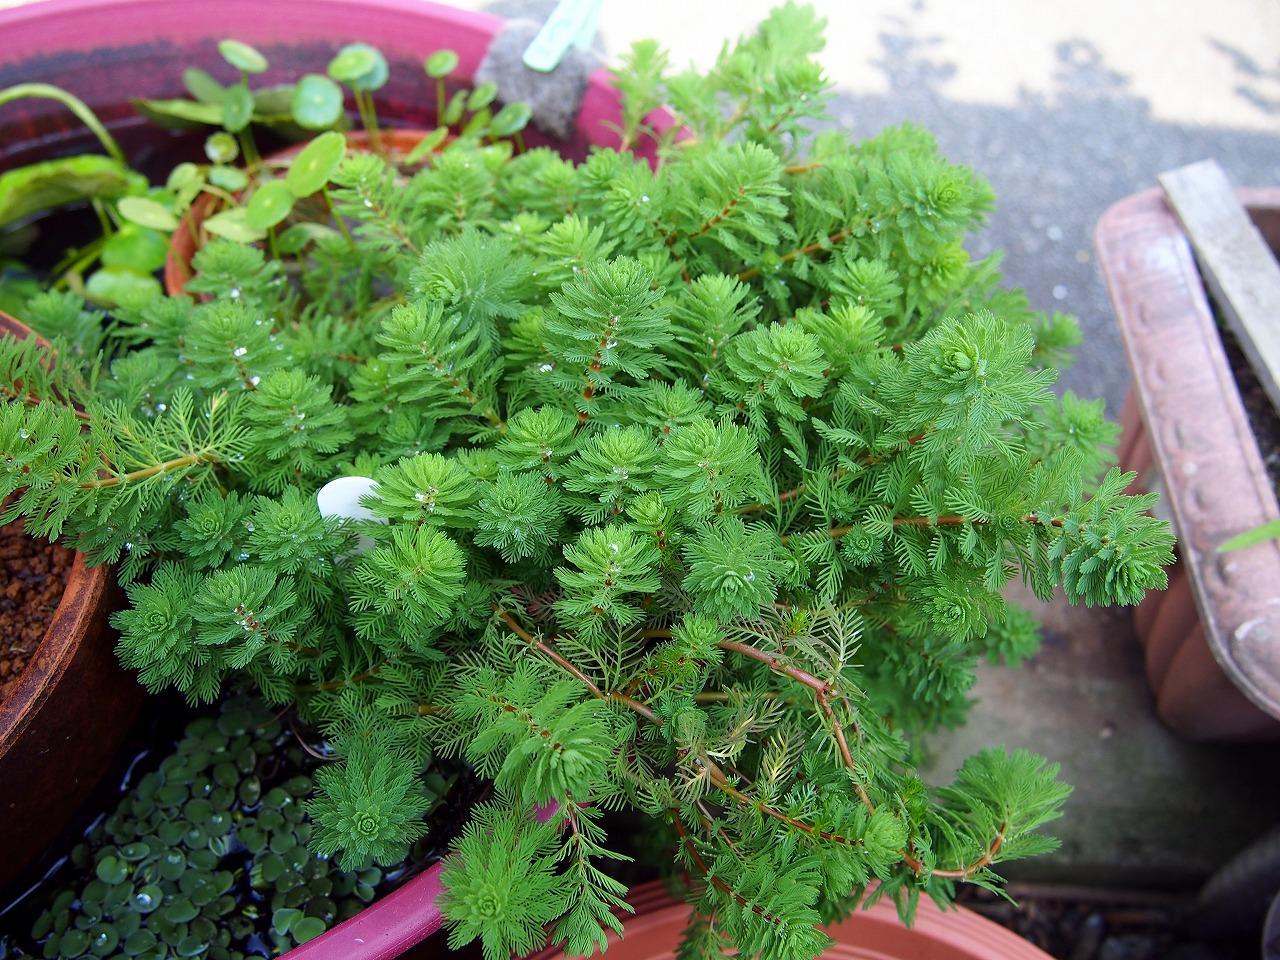 MyriophyllumSpOrange_20140619-02.jpg